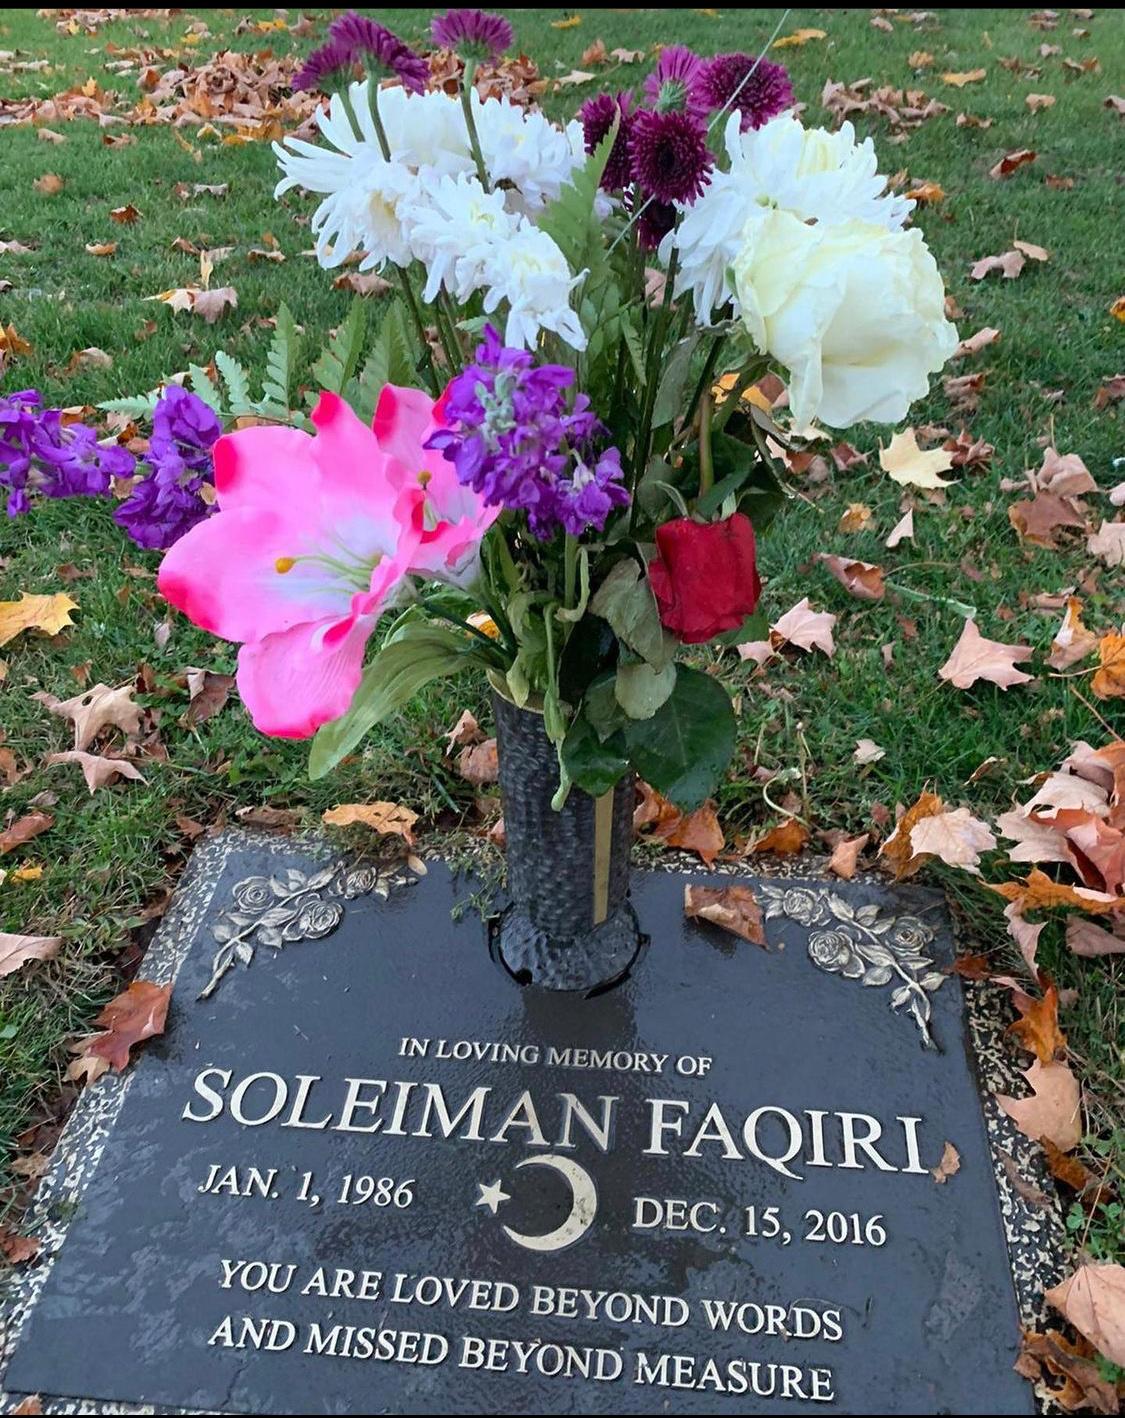 Soleiman Faqiri's grave (Courtesy of Yusuf Faqiri)